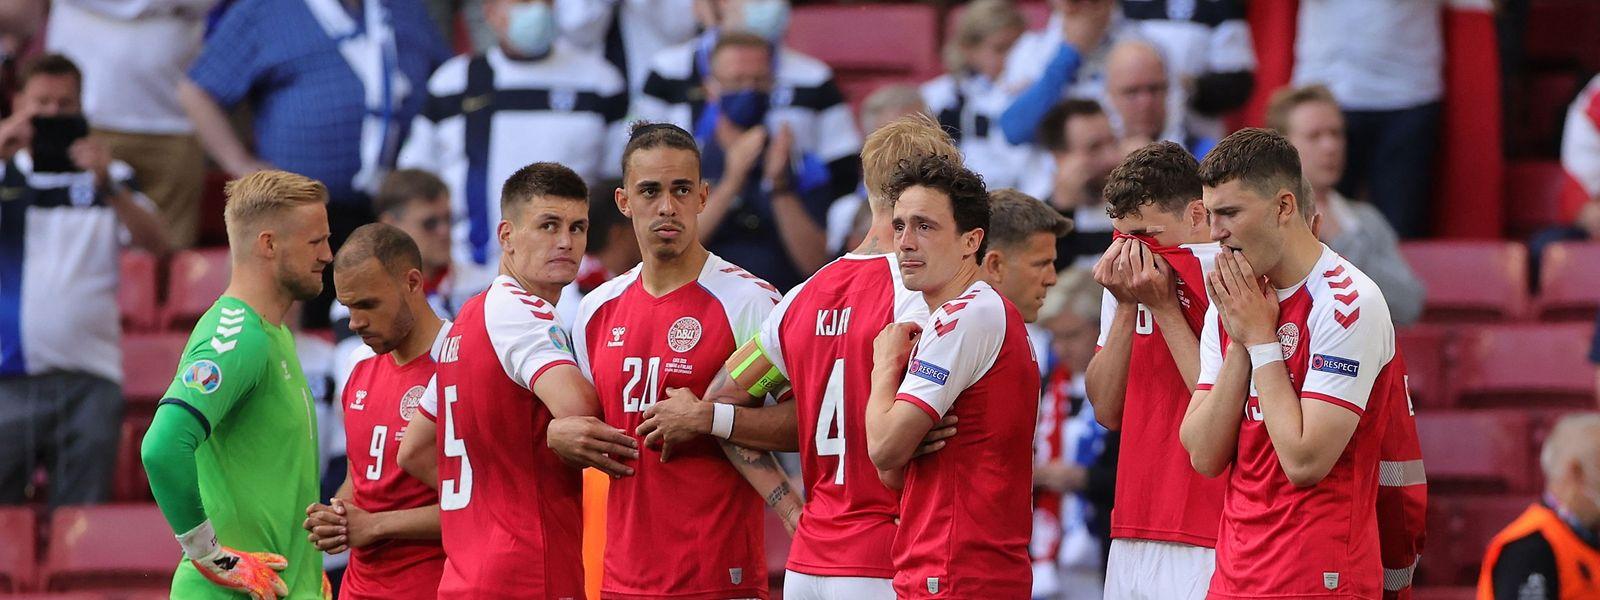 Die dänischen Spieler sind schockiert.